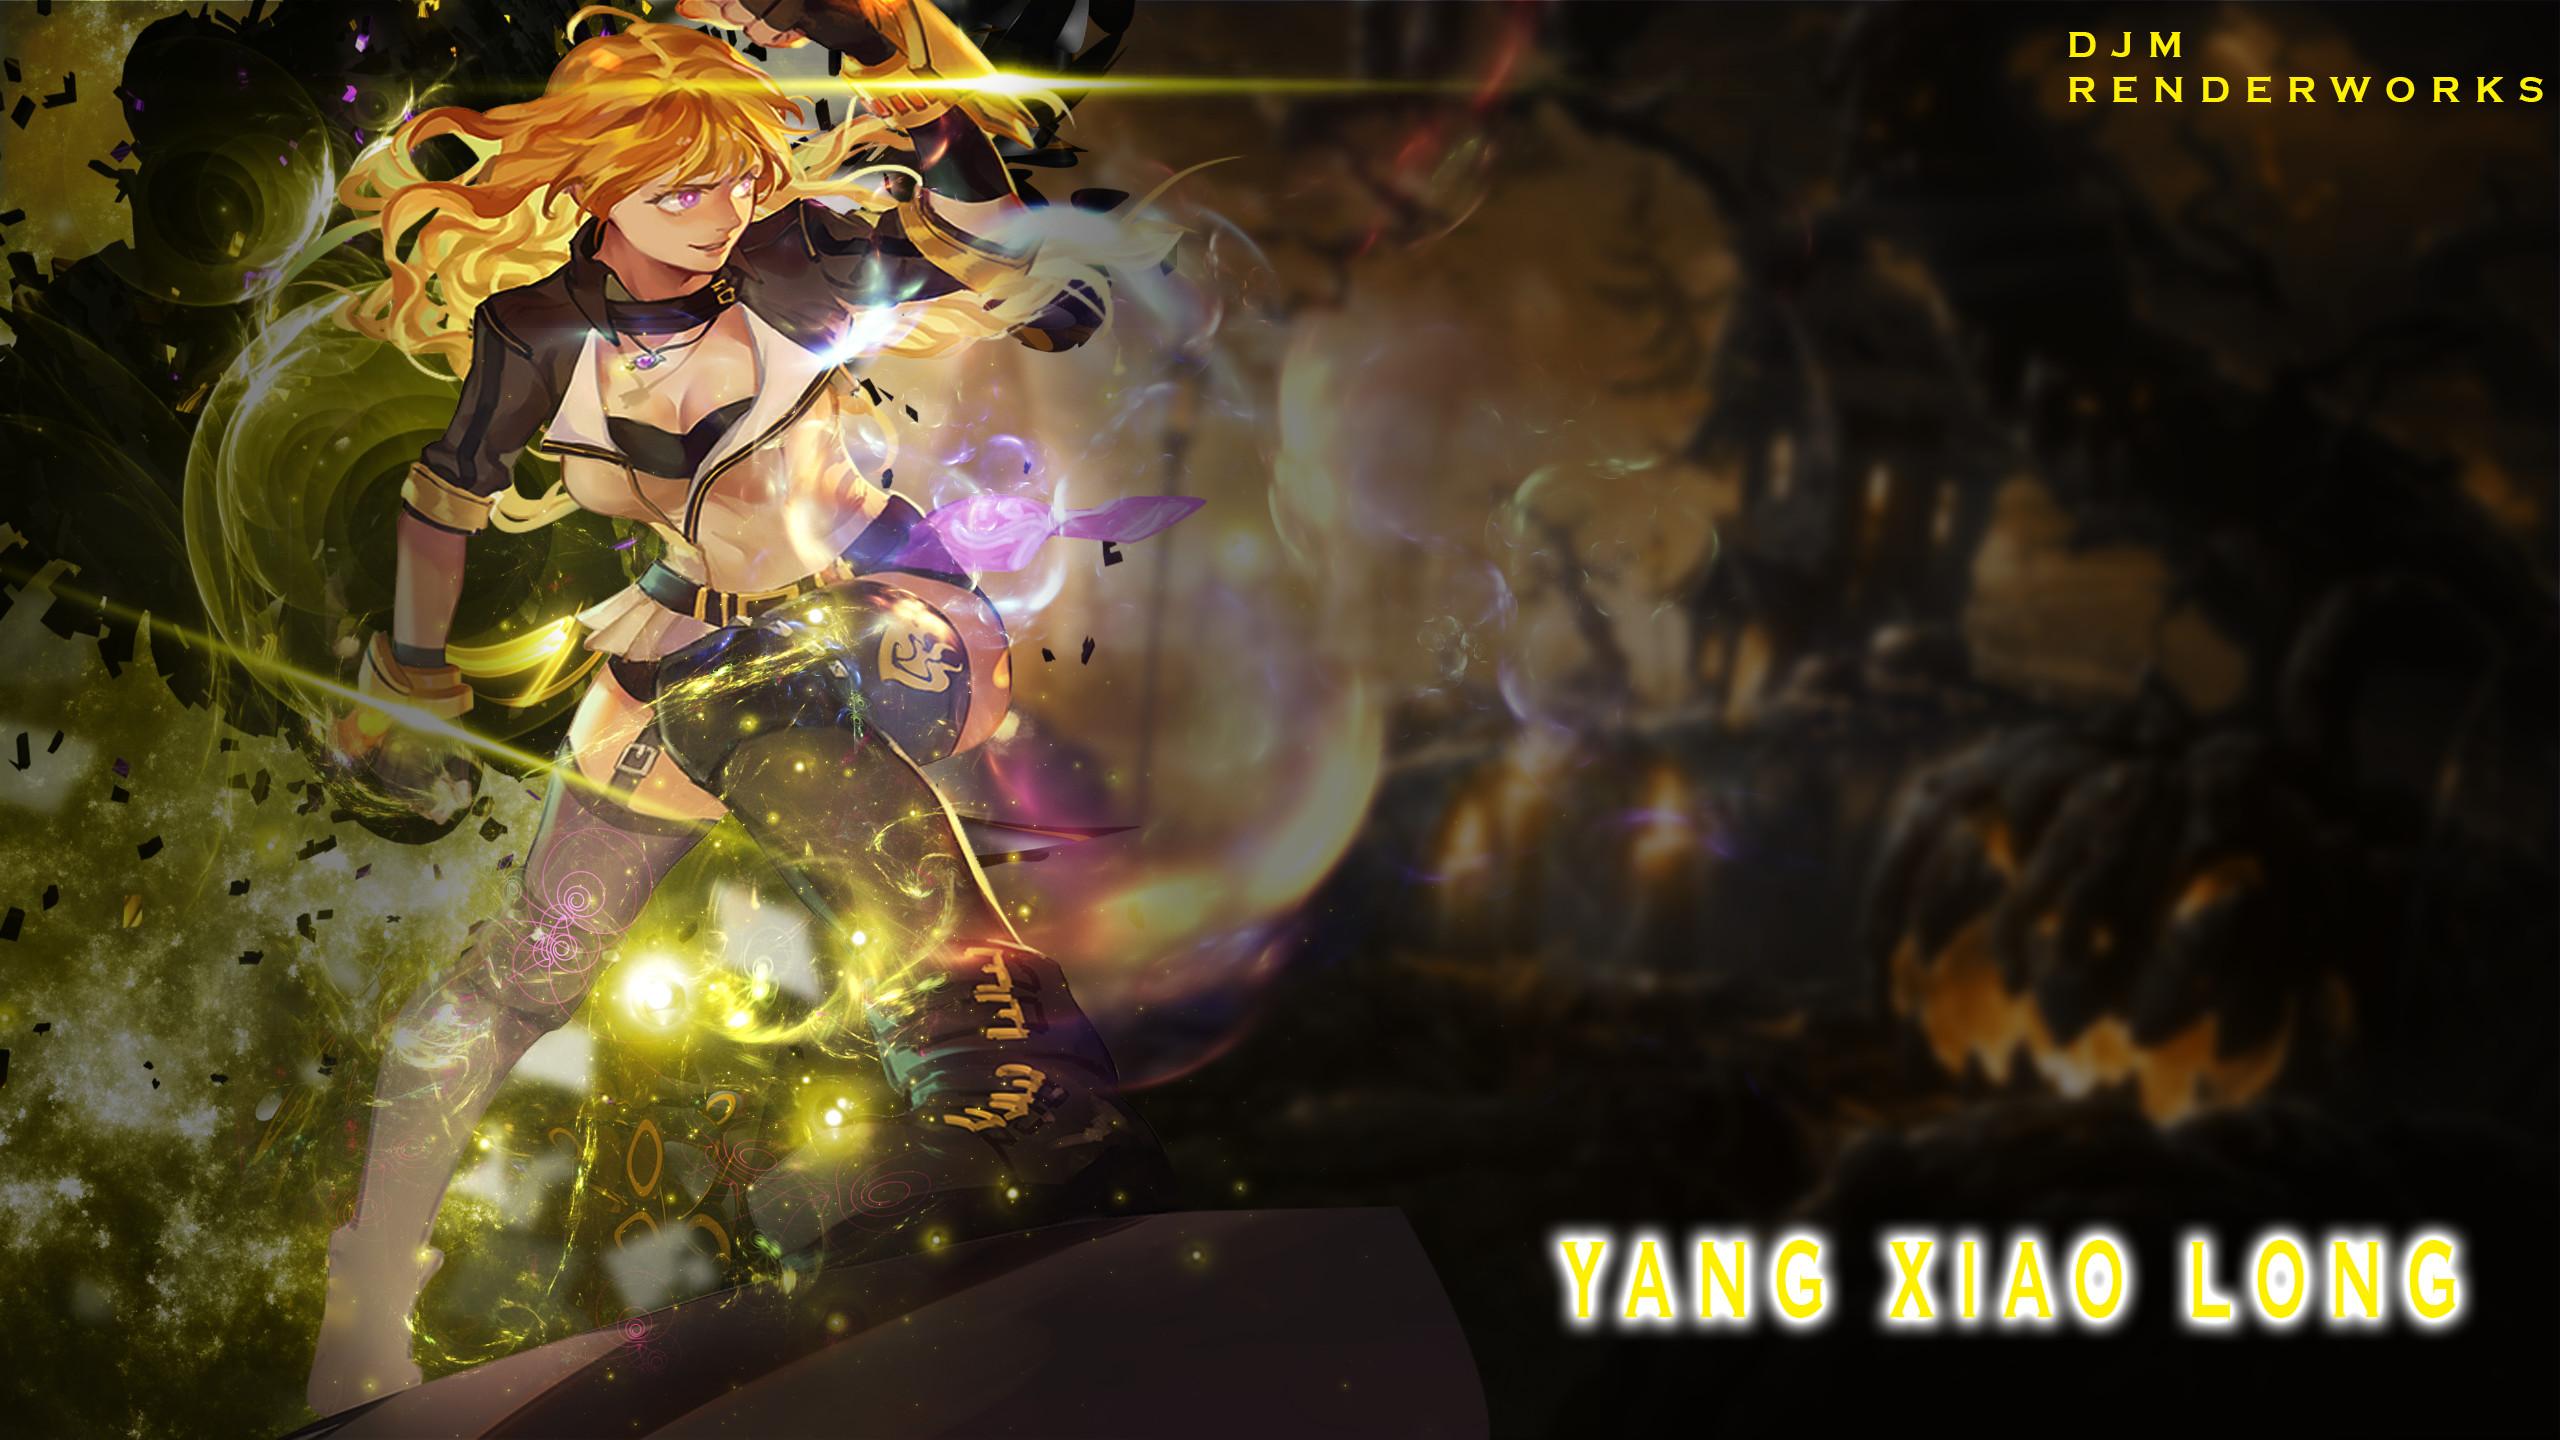 … Wallpaper] Yang Xiao long -RWBY- by MekakuActors